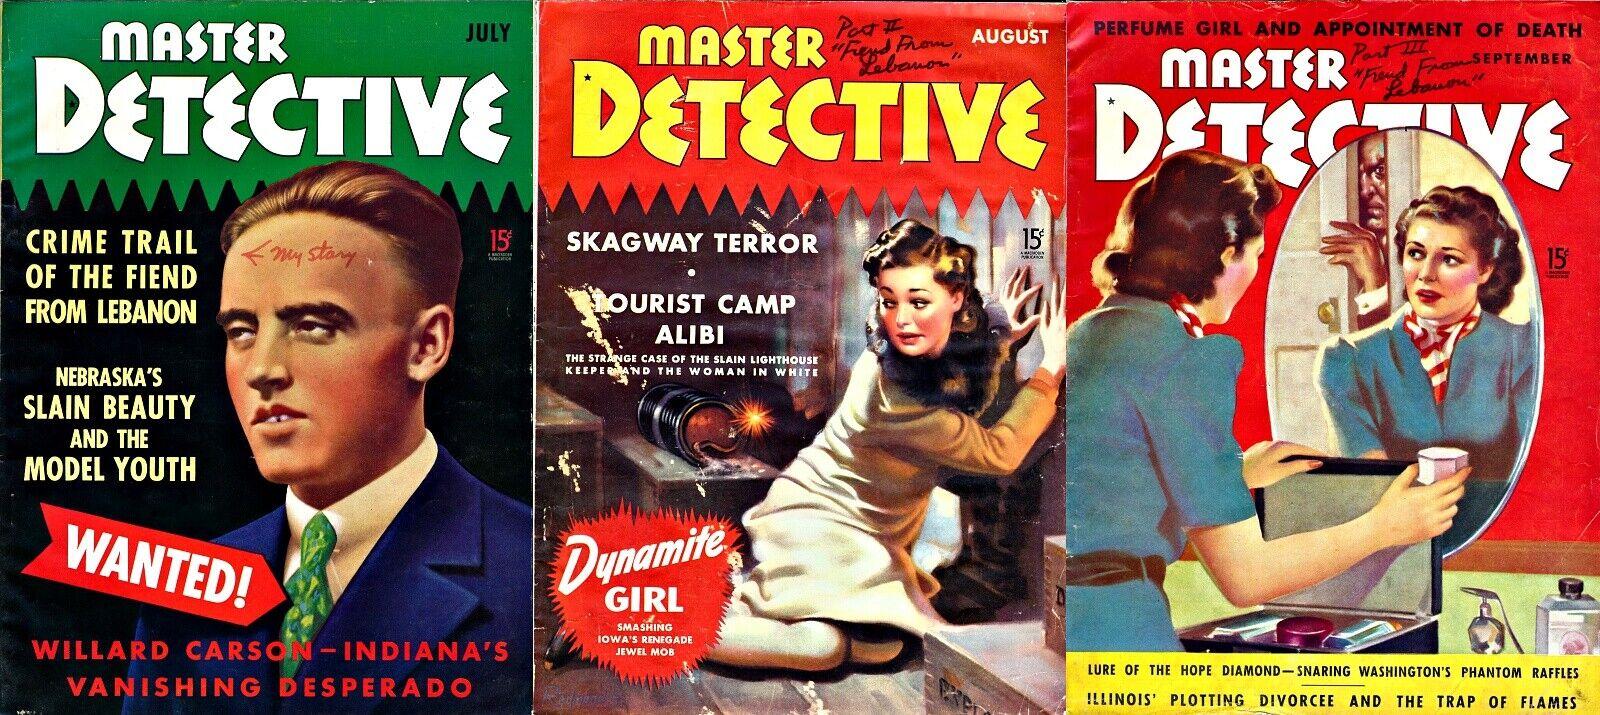 MASTER DETECTIVE 3 Vtg Crime Magazines VIRGIL E. LAMARRE 1939 Author Copy 126980 - $125.00